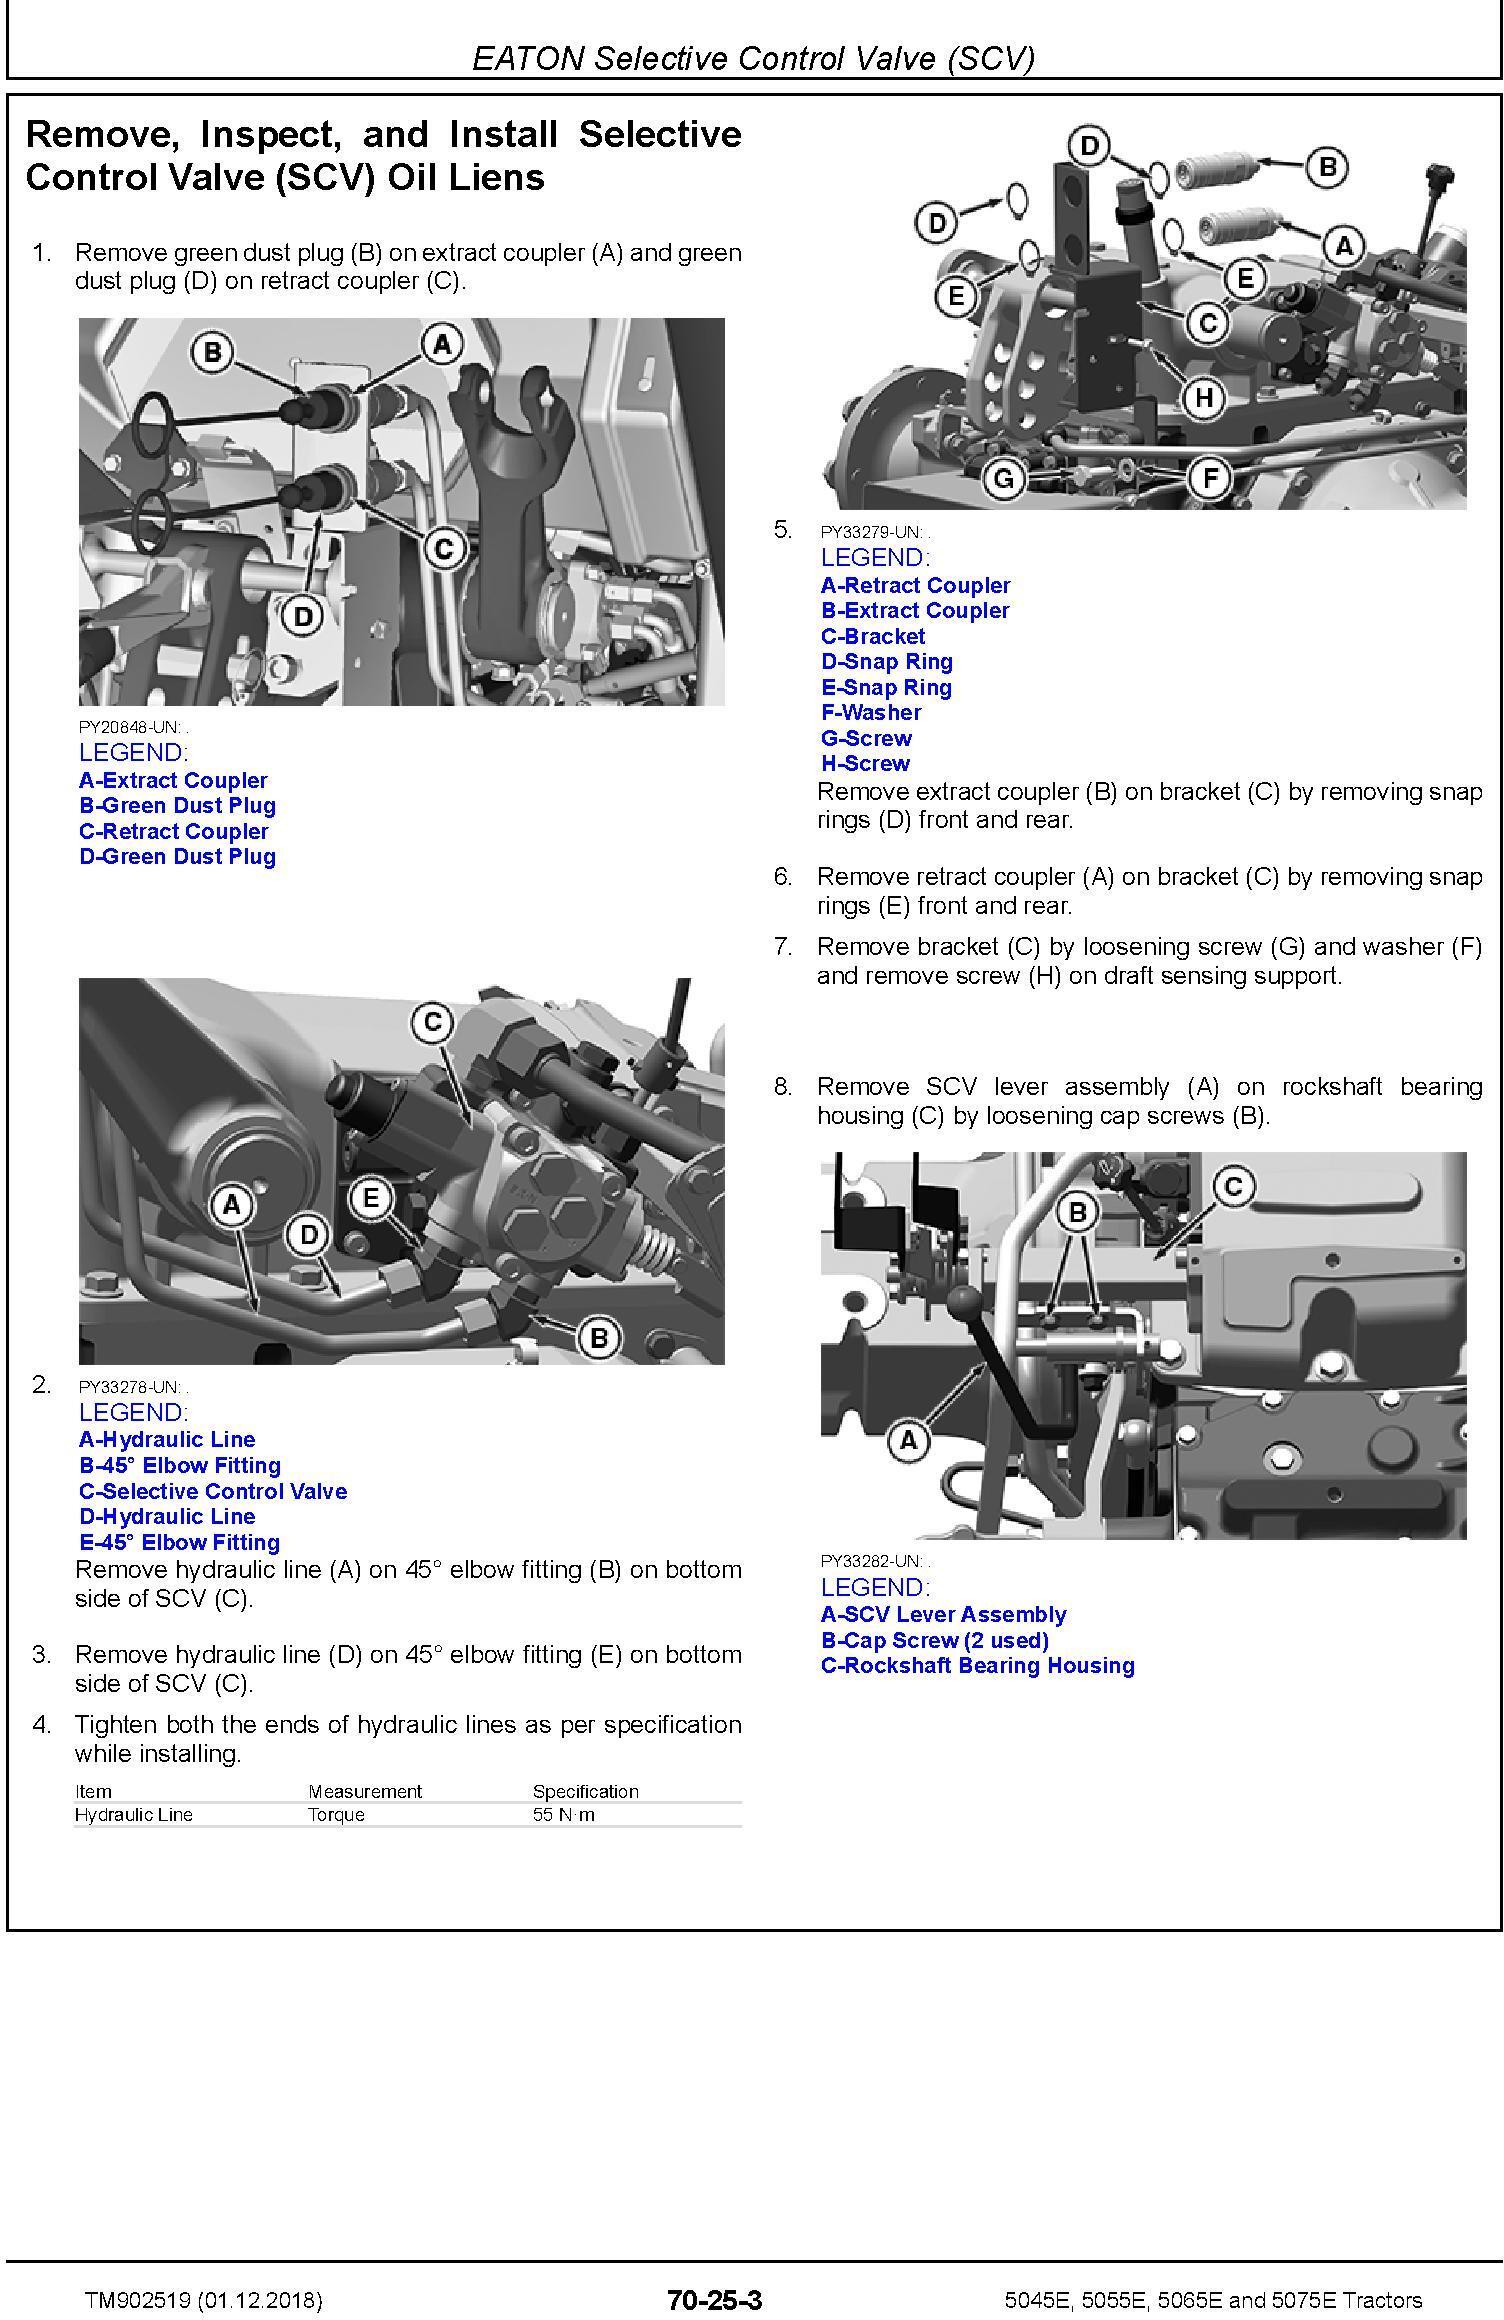 John Deere 5045E, 5055E, 5065E, 5075E Tractors (SN.103101